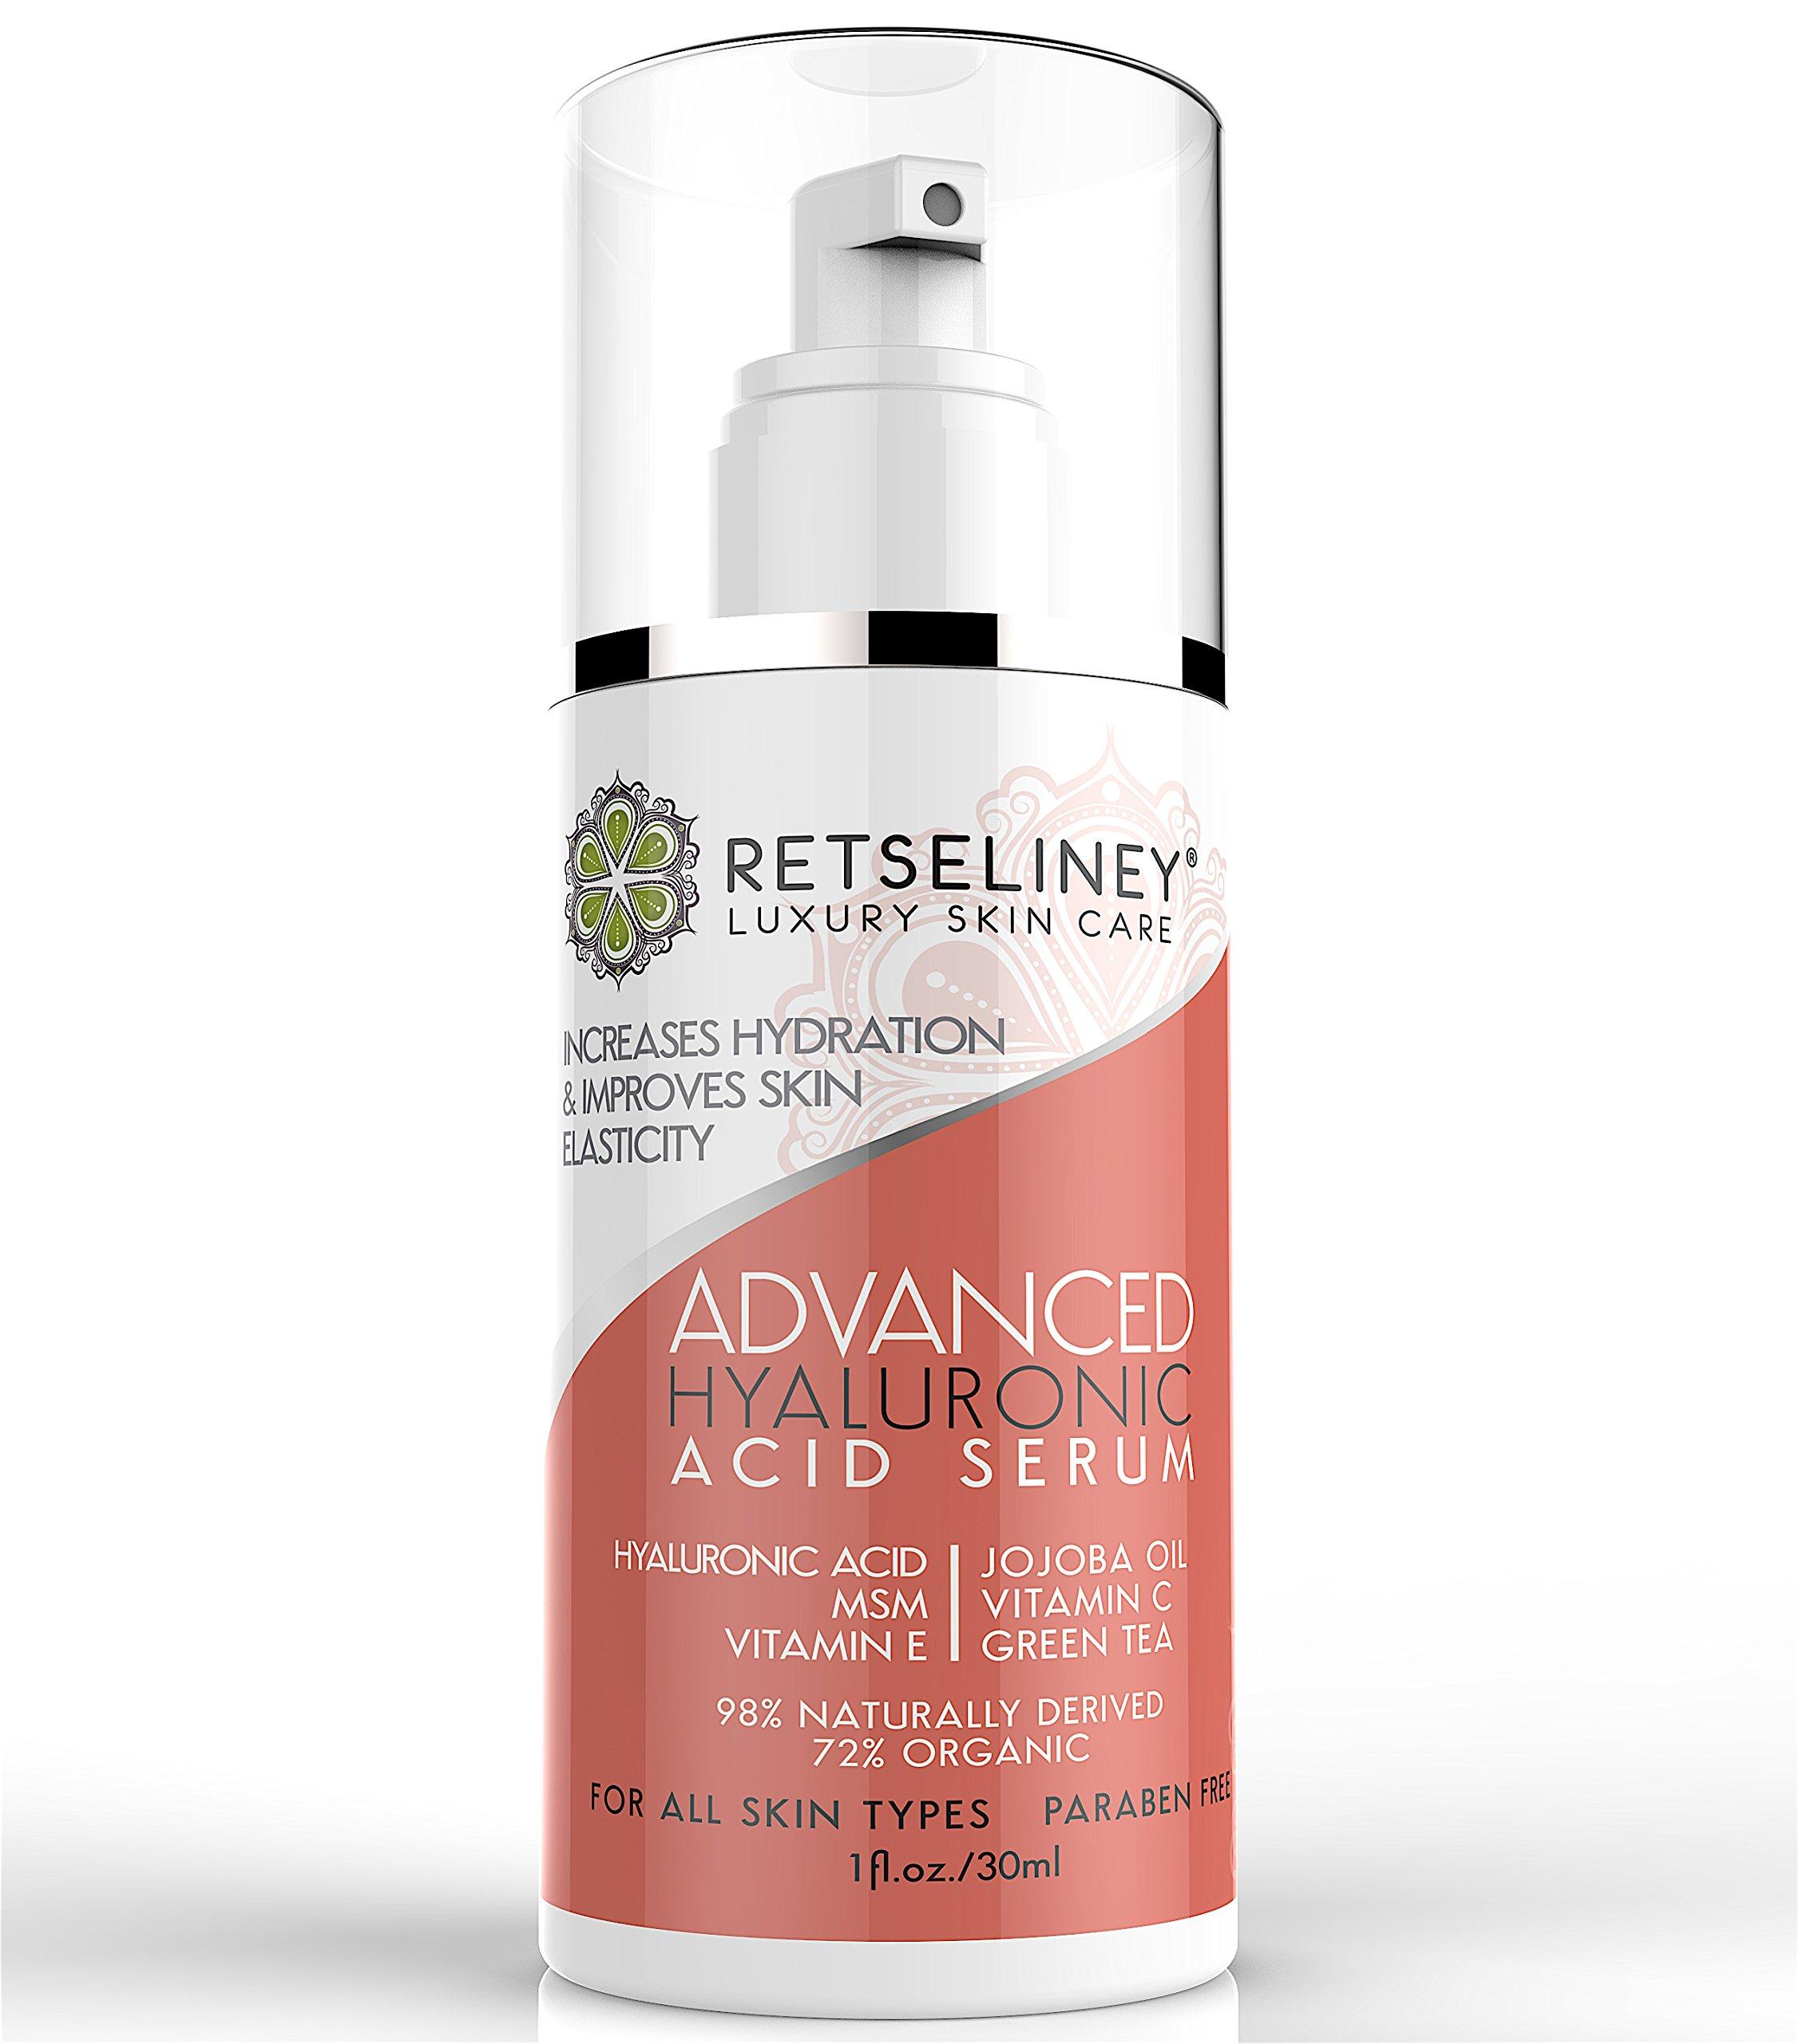 Retseliney Vegan Hyaluronic Acid Serum for Face, 1 ounce